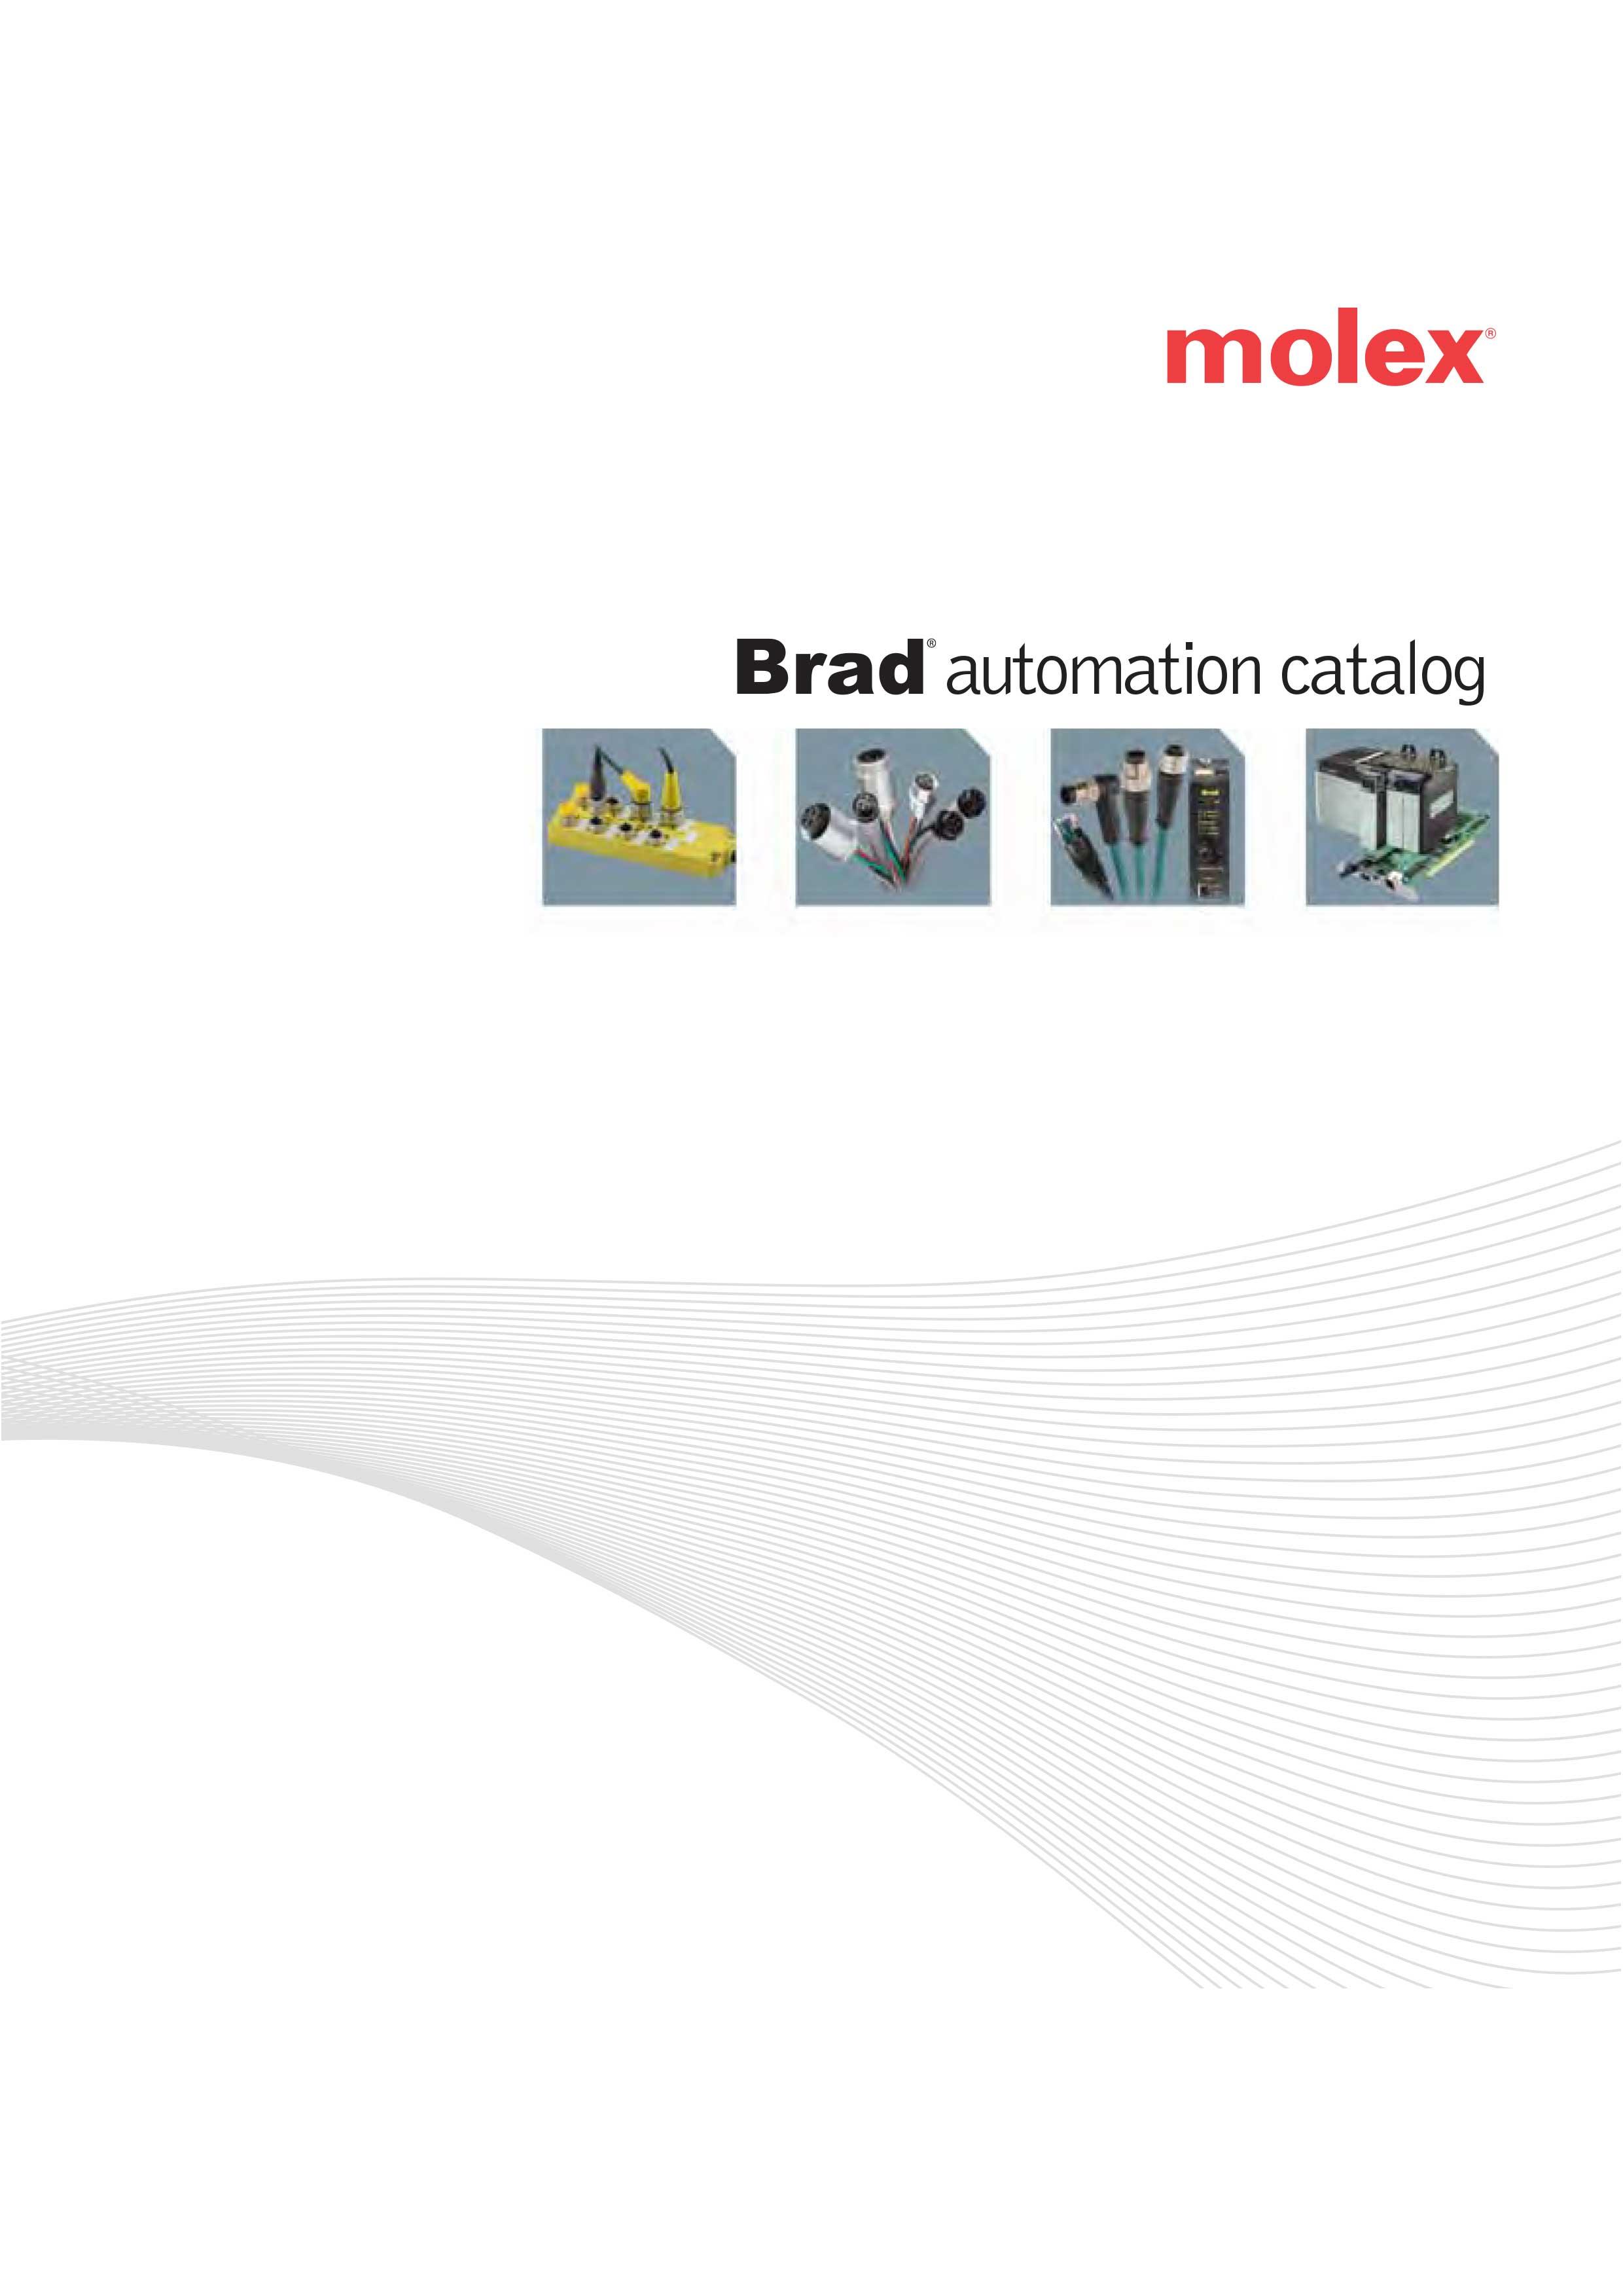 Portada-Molex